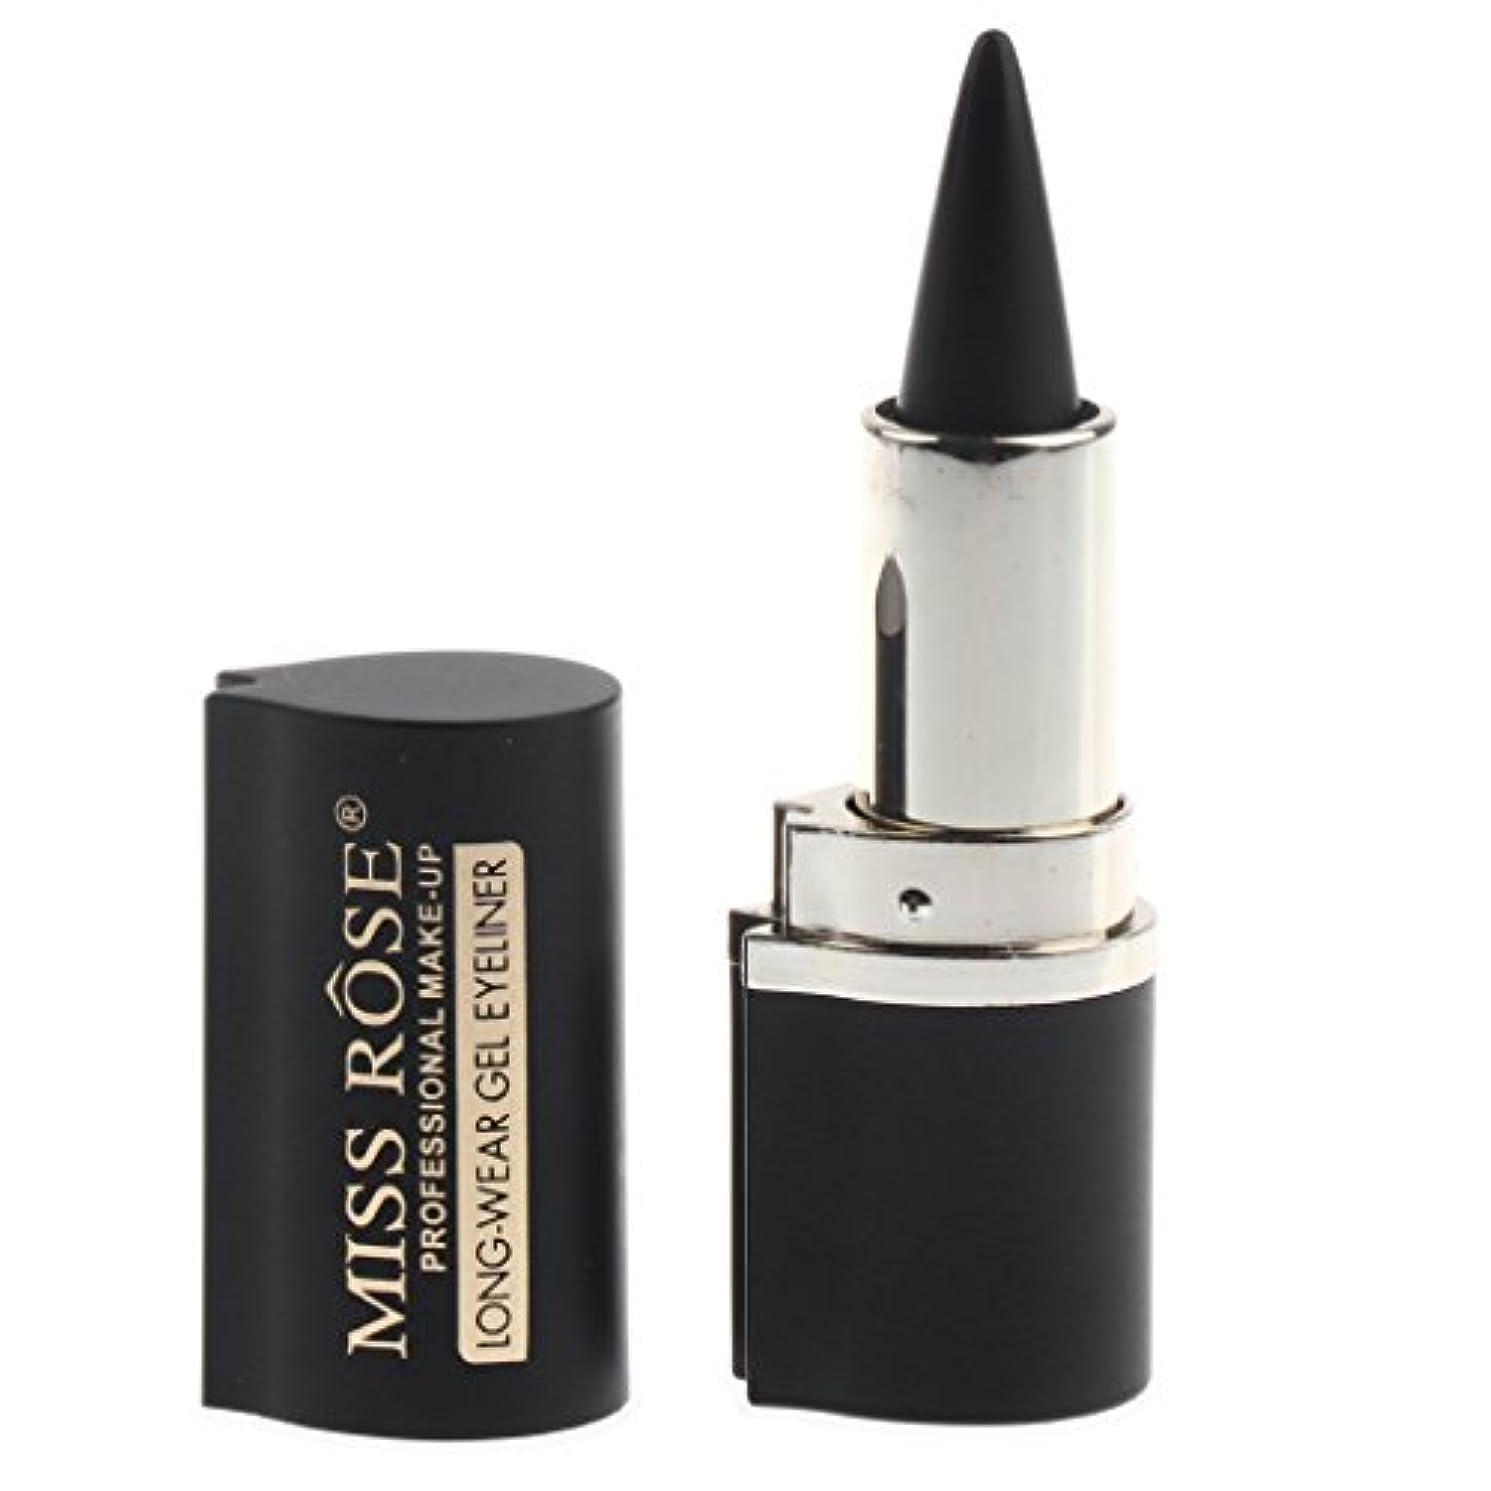 速いウッズポジティブDYNWAVE アイライナー ペーストペン 化粧品 アイライナージェル メイク 持ち運び簡単 アイメイク 耐水性